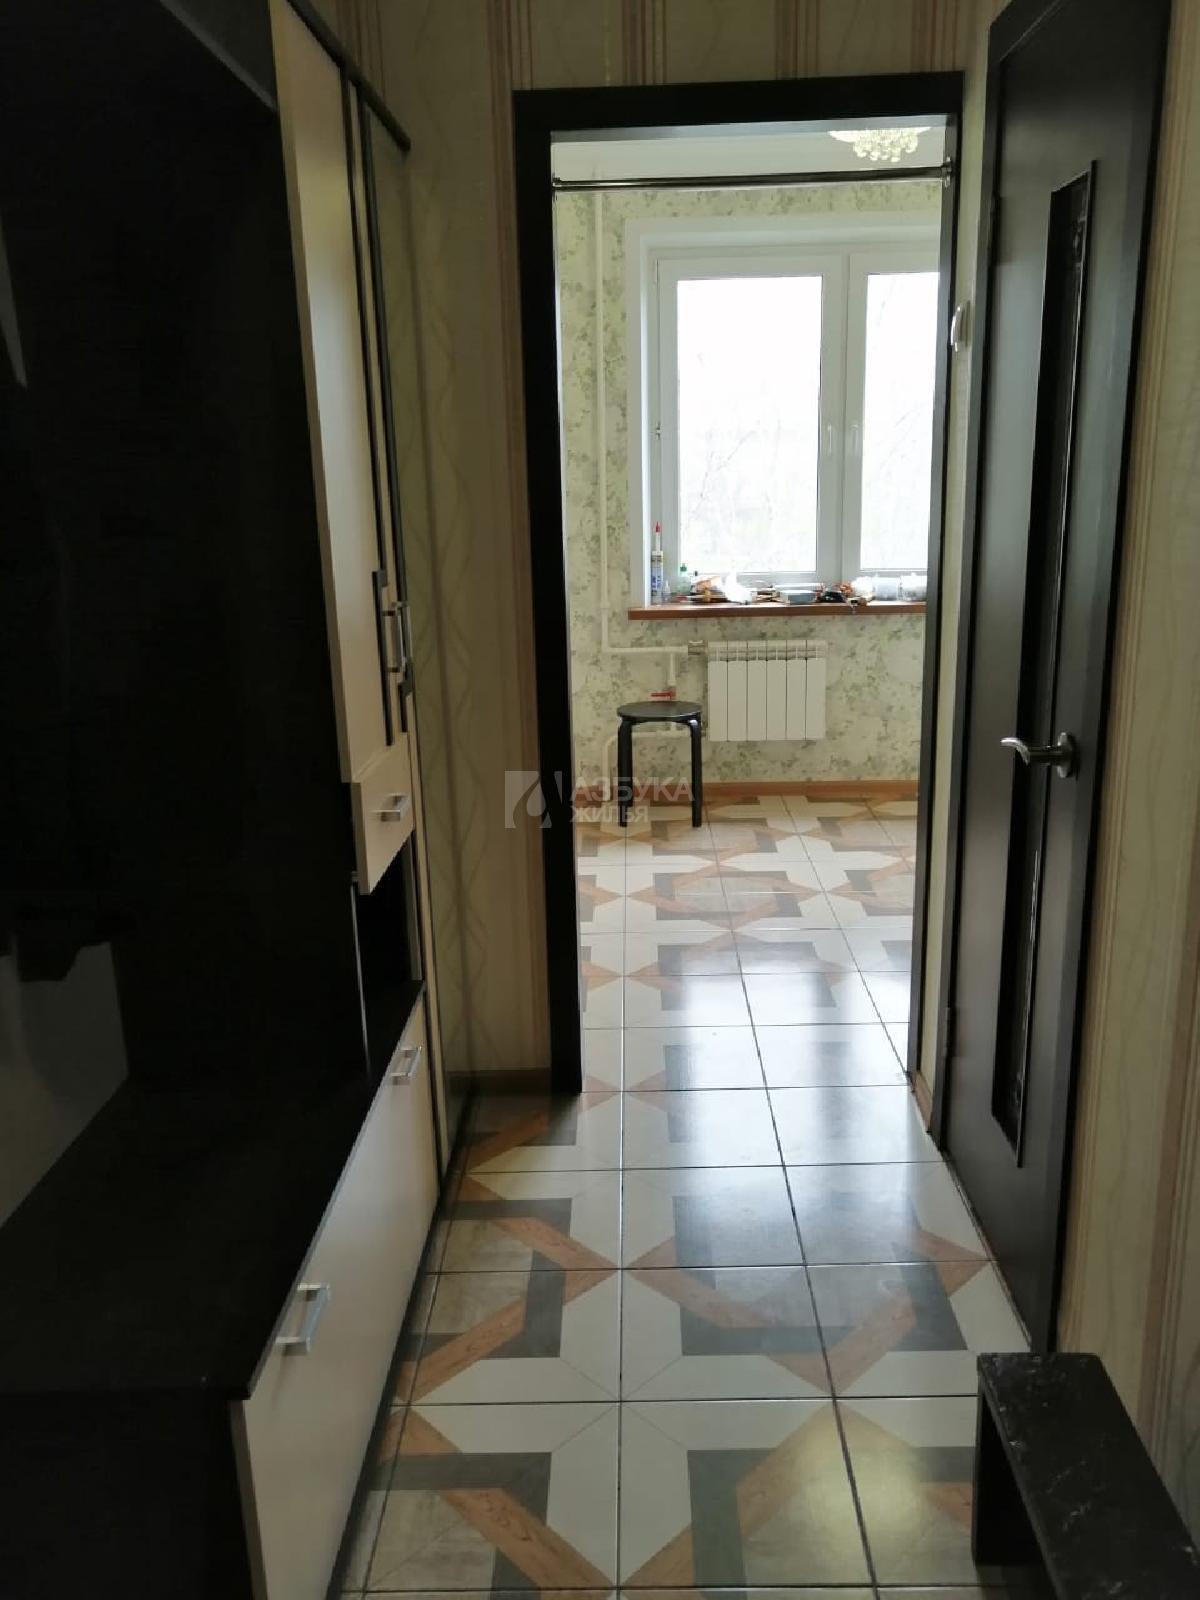 Фото №17 - 1-комнатная квартира, Балашиха, микрорайон Саввино, 1 Мая улица 11